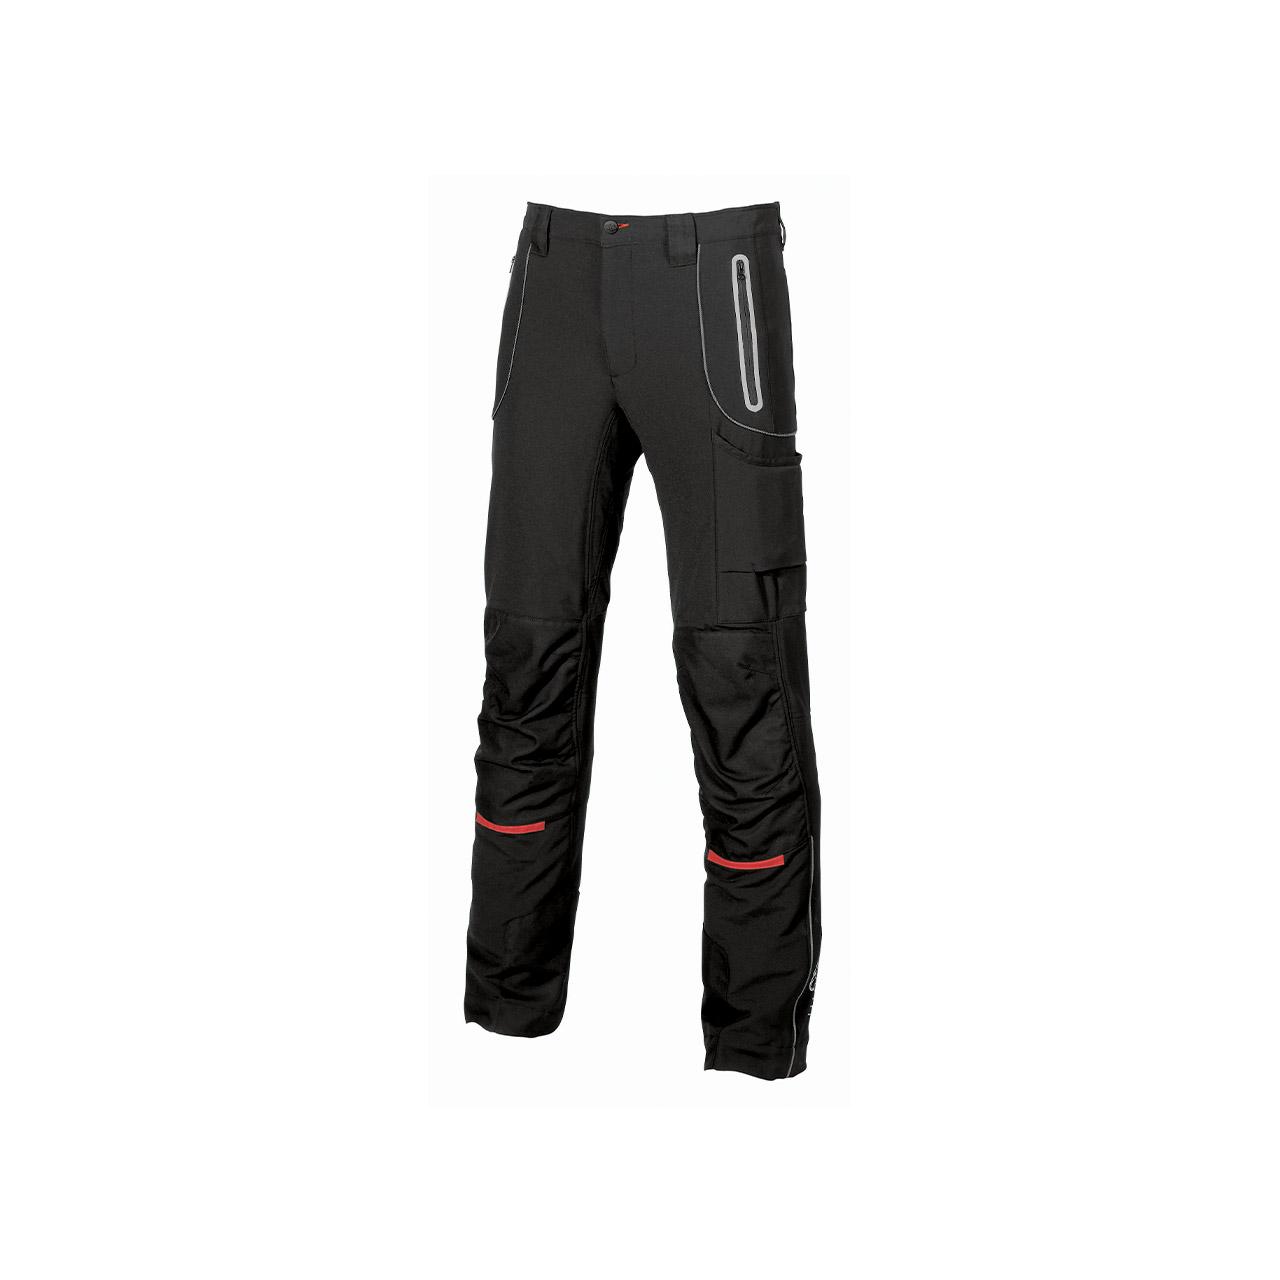 pantalone da lavoro upower modello PIT colore black car